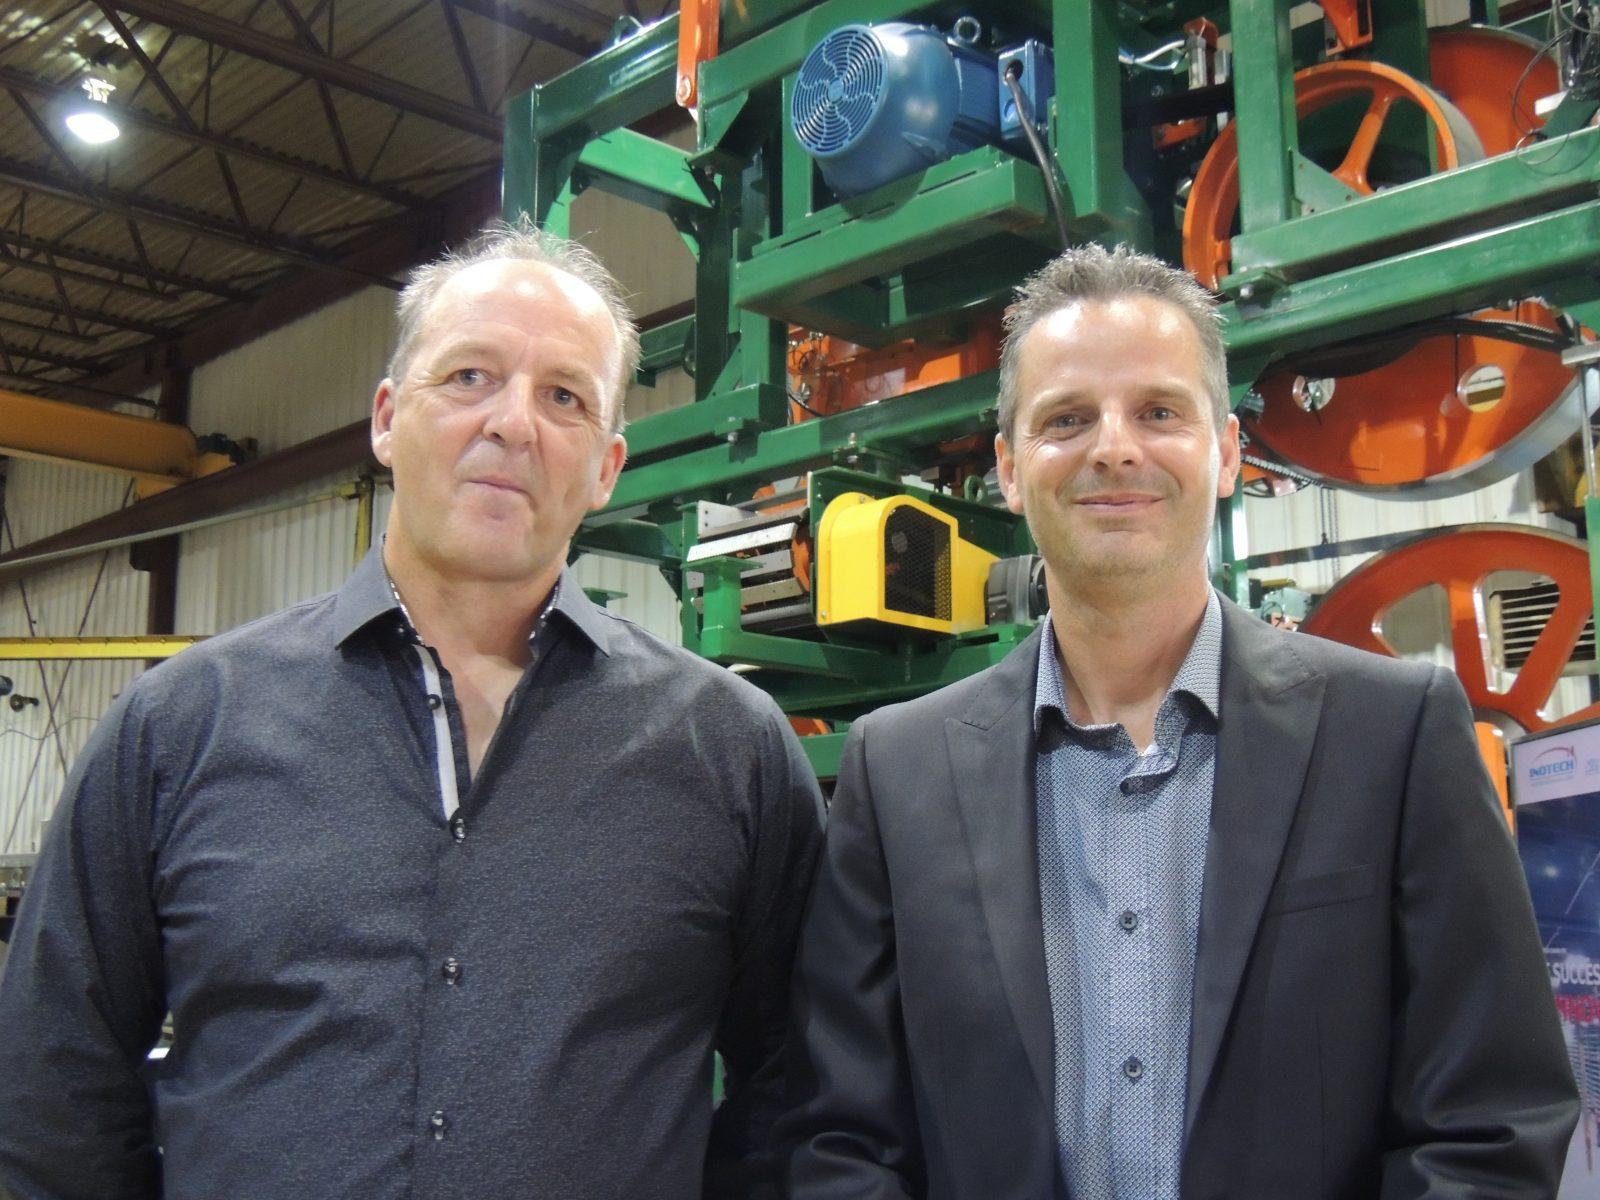 Une entreprise de Normandin en expansion: Inotech Canada investit 2 M$